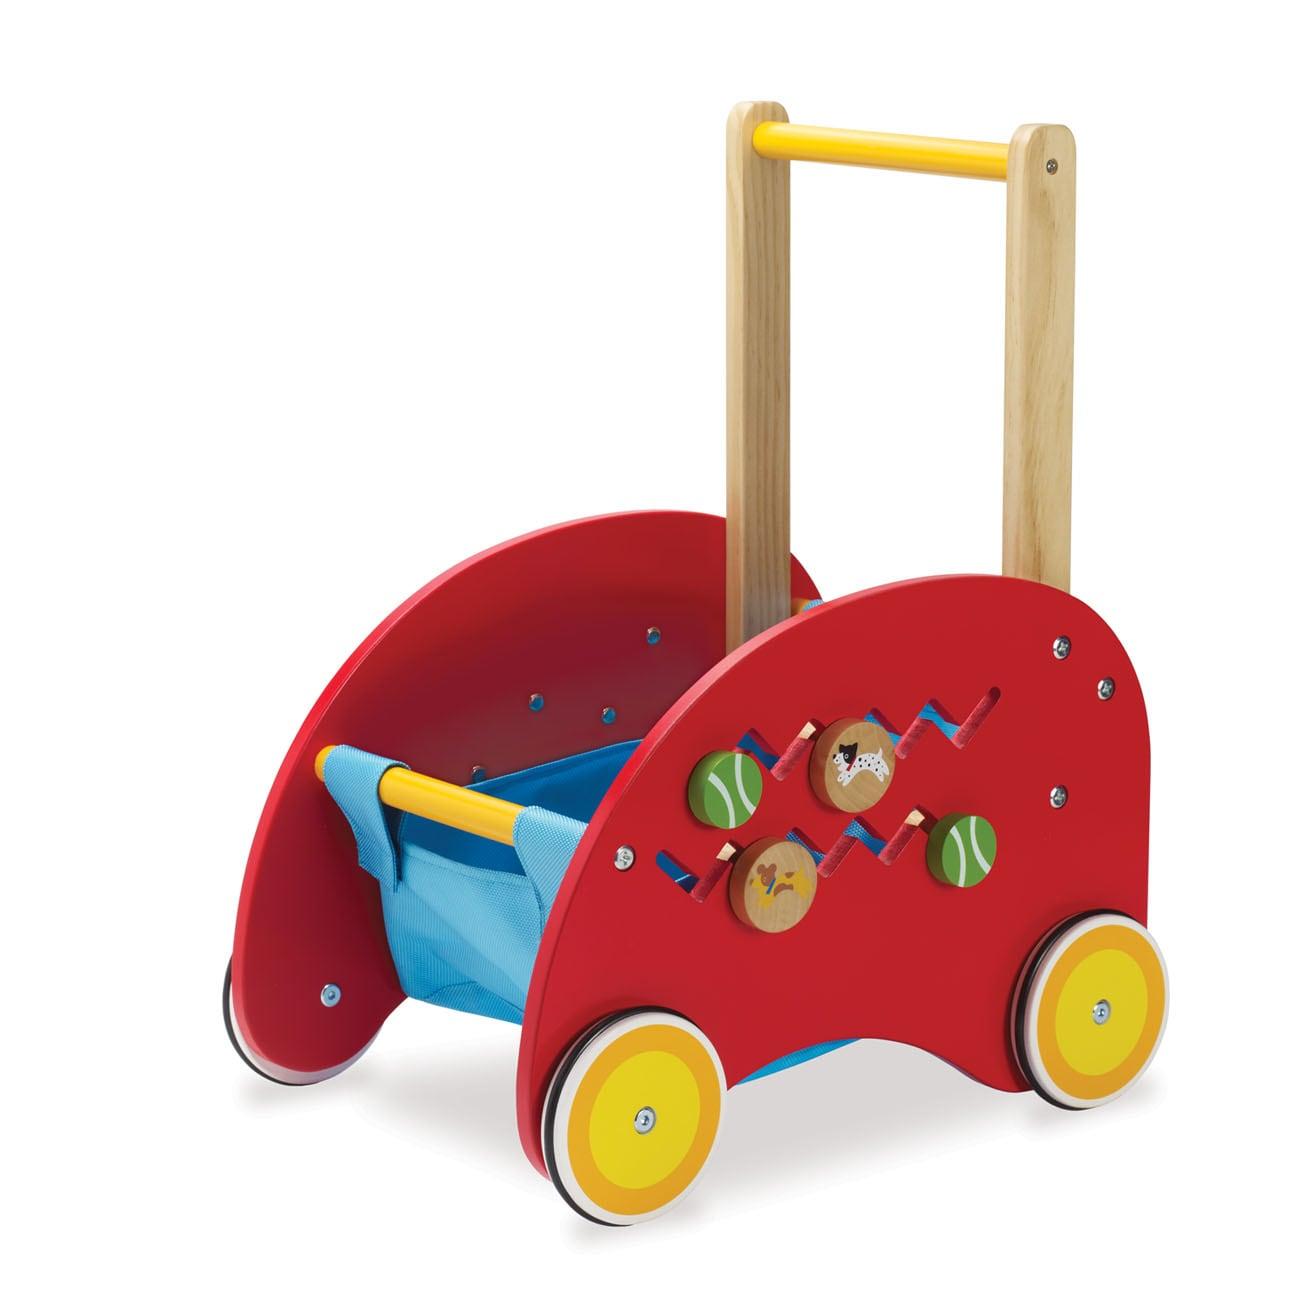 Manhattan Toy Playtime Activity Cart